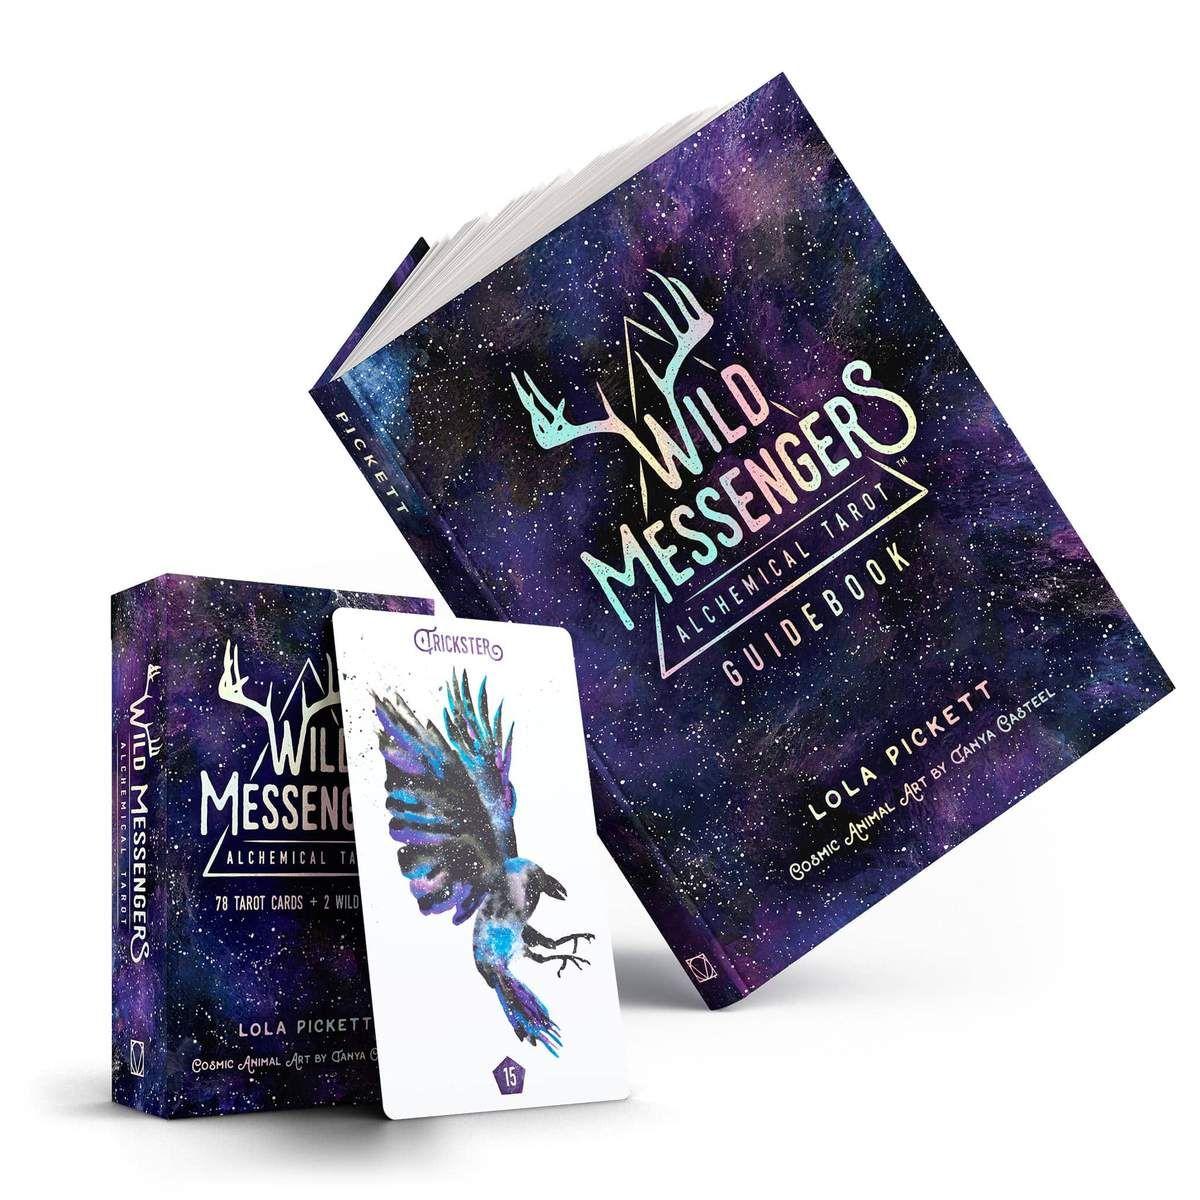 Wild Messengers Alchemical Tarot Deck Guidebook Set Tarot Card Decks Animal Tarot Cards Tarot Decks